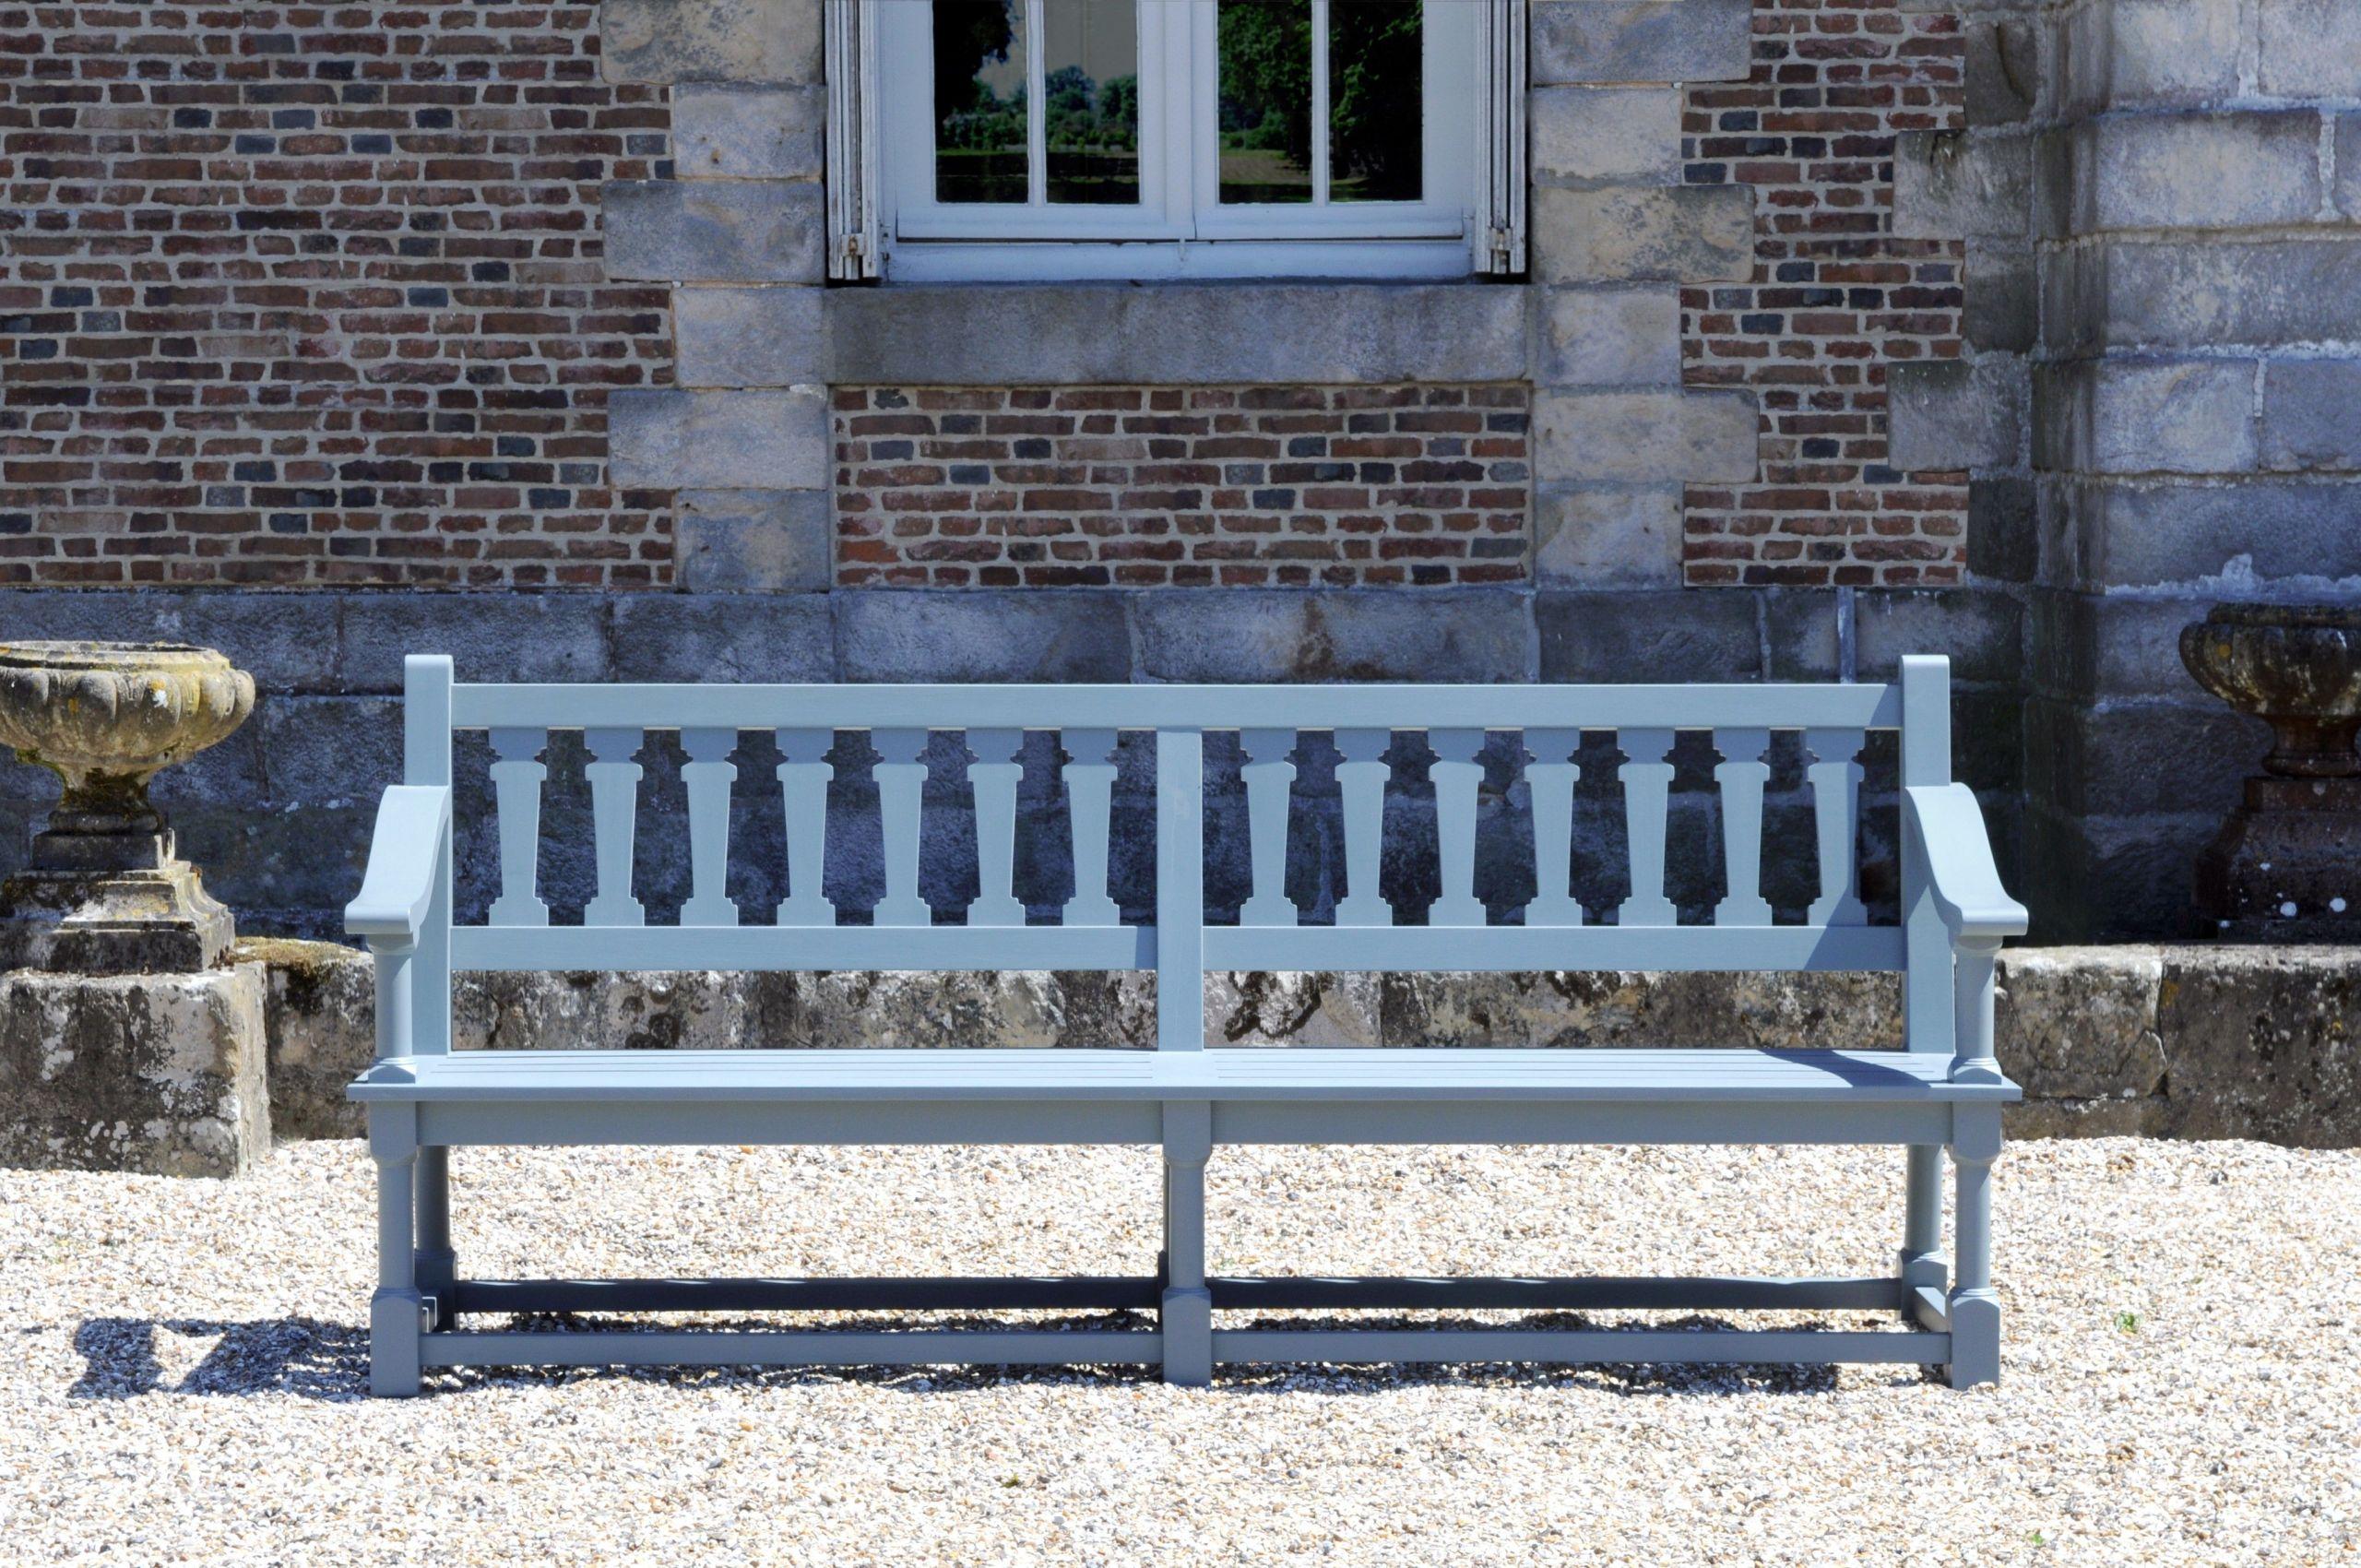 Banc De Jardin En Resine Élégant 32 Meilleures Images Du ... concernant Banc De Jardin Resine